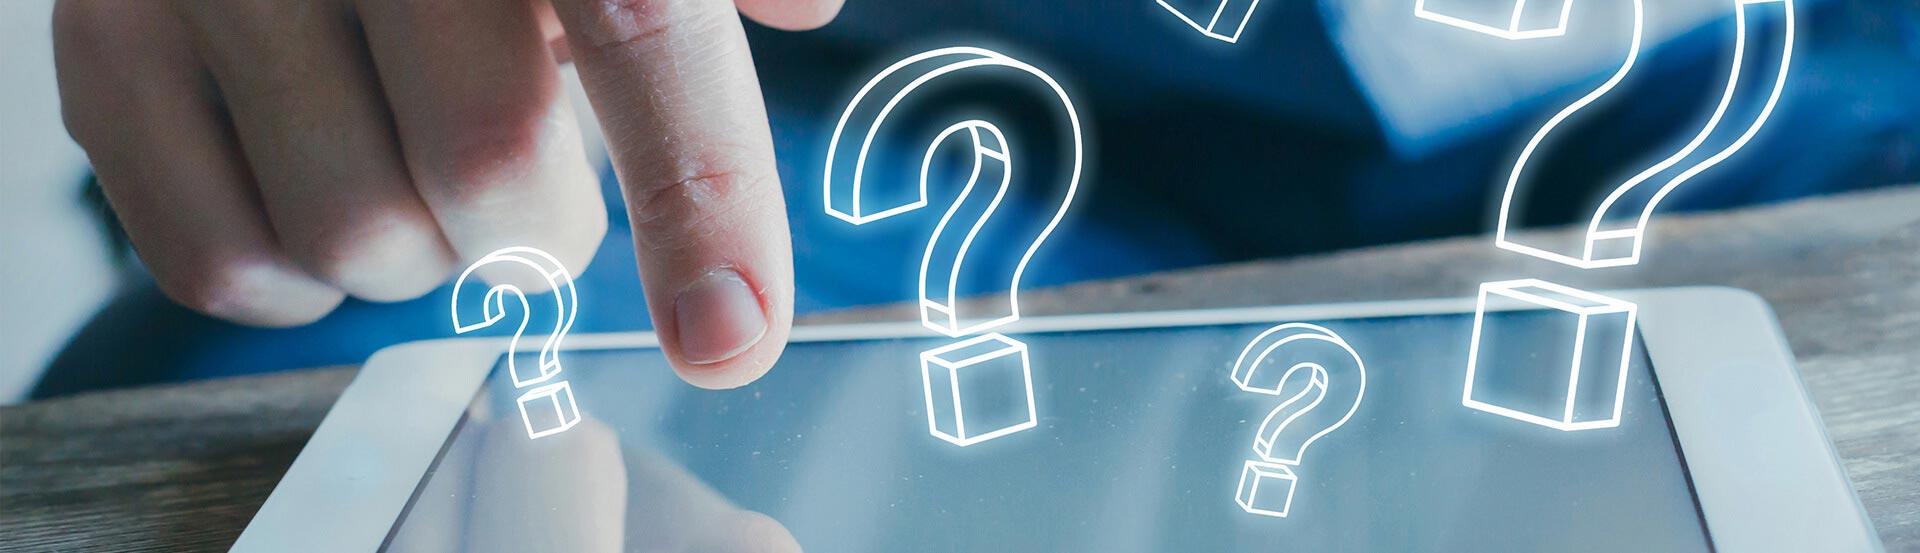 Les études en ligne : pour quels usages ?